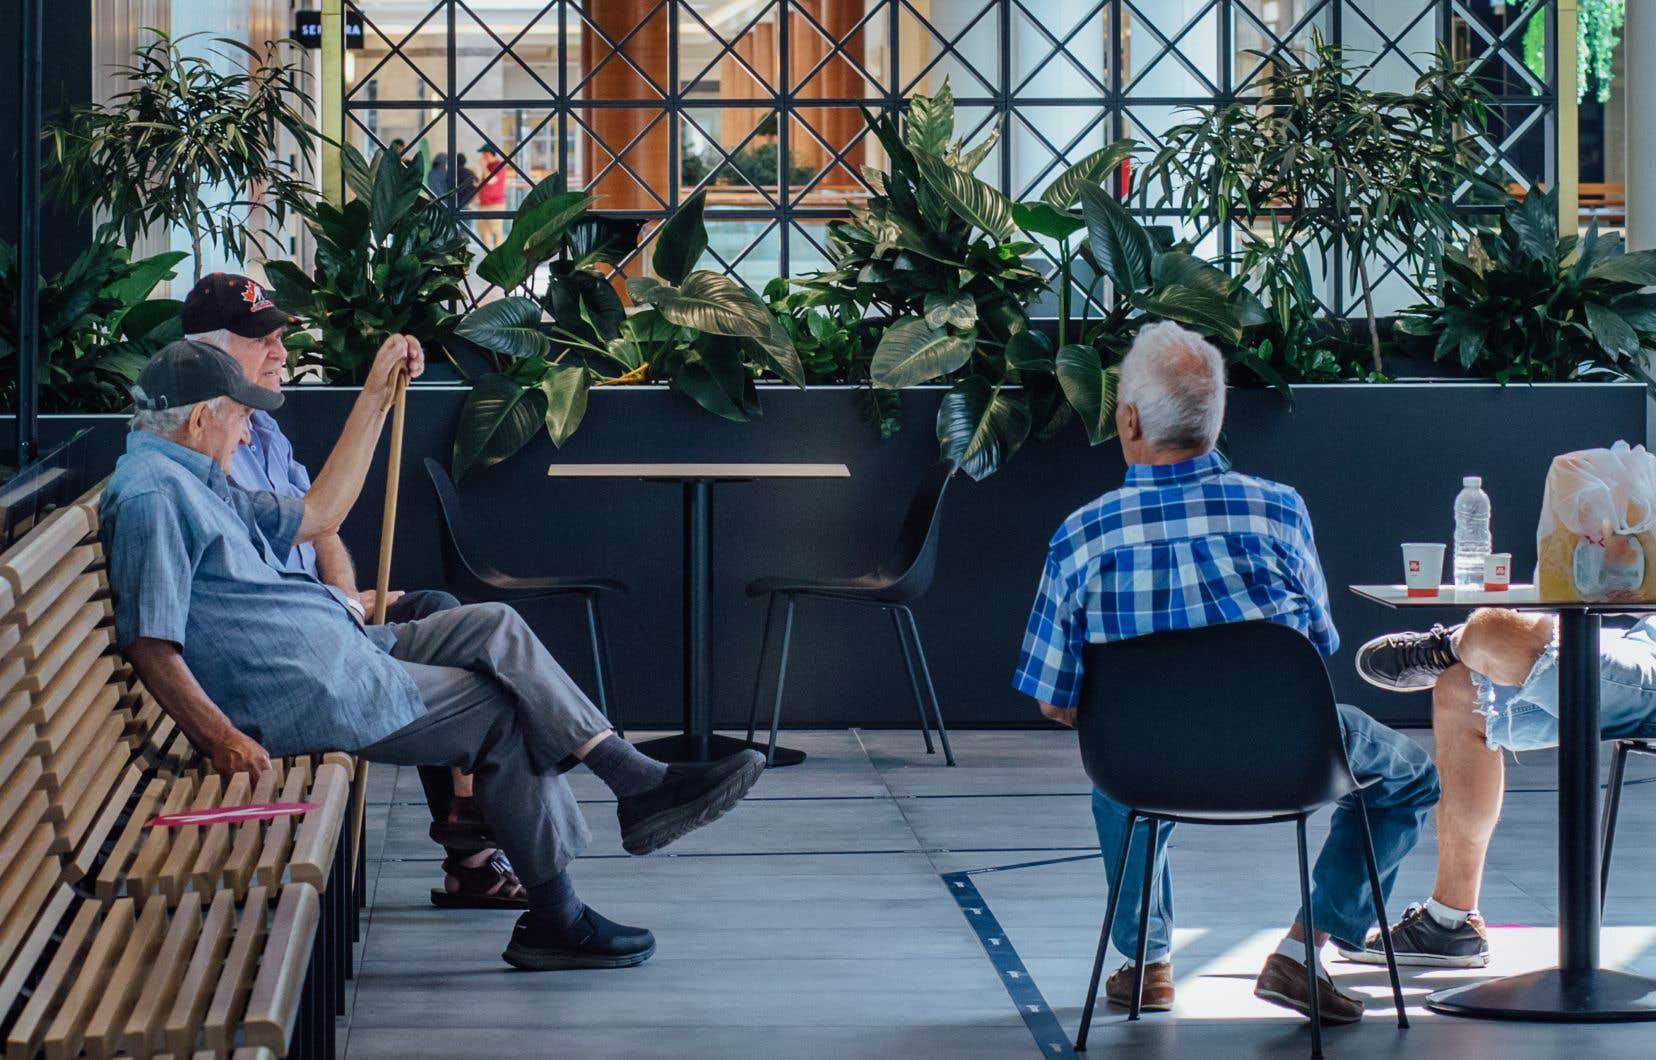 Des personnes retraitées ont profité de l'air climatisé au Centre Rockland, à Montréal, lundi, pour échapper à la vague de chaleur qui frappe le sud du Québec depuis quelques jours.